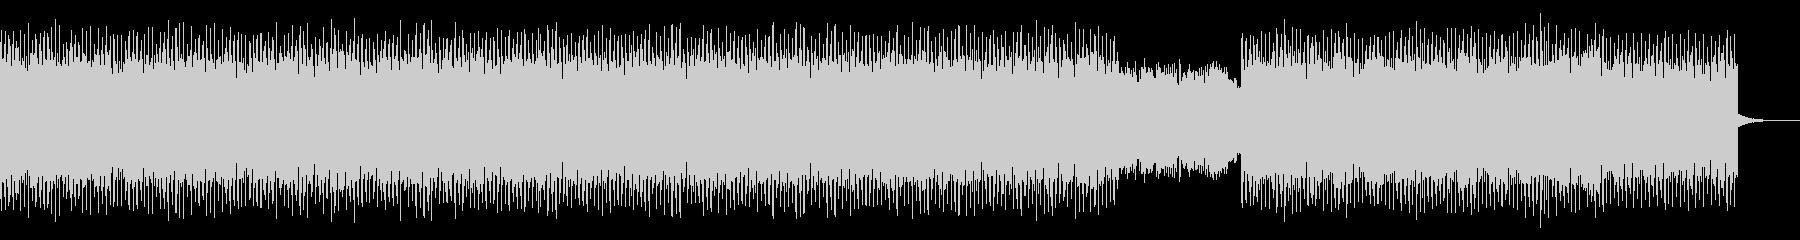 アップテンポな4つ打ちテクノポップの未再生の波形